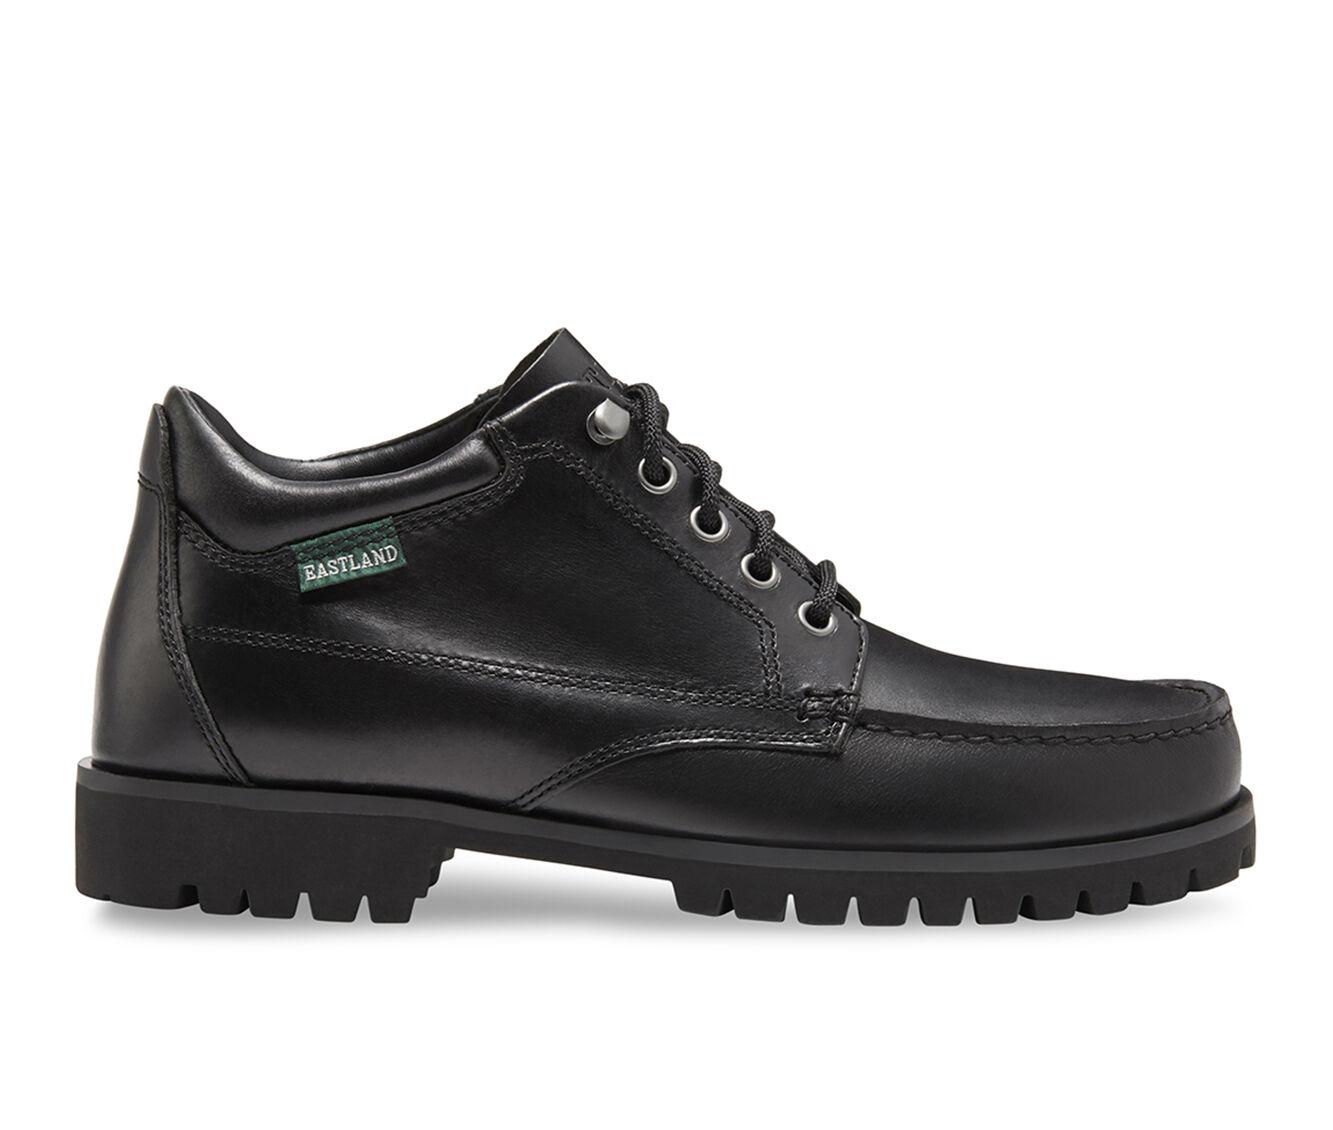 Men's Eastland Brooklyn Moc Toe Boots Black